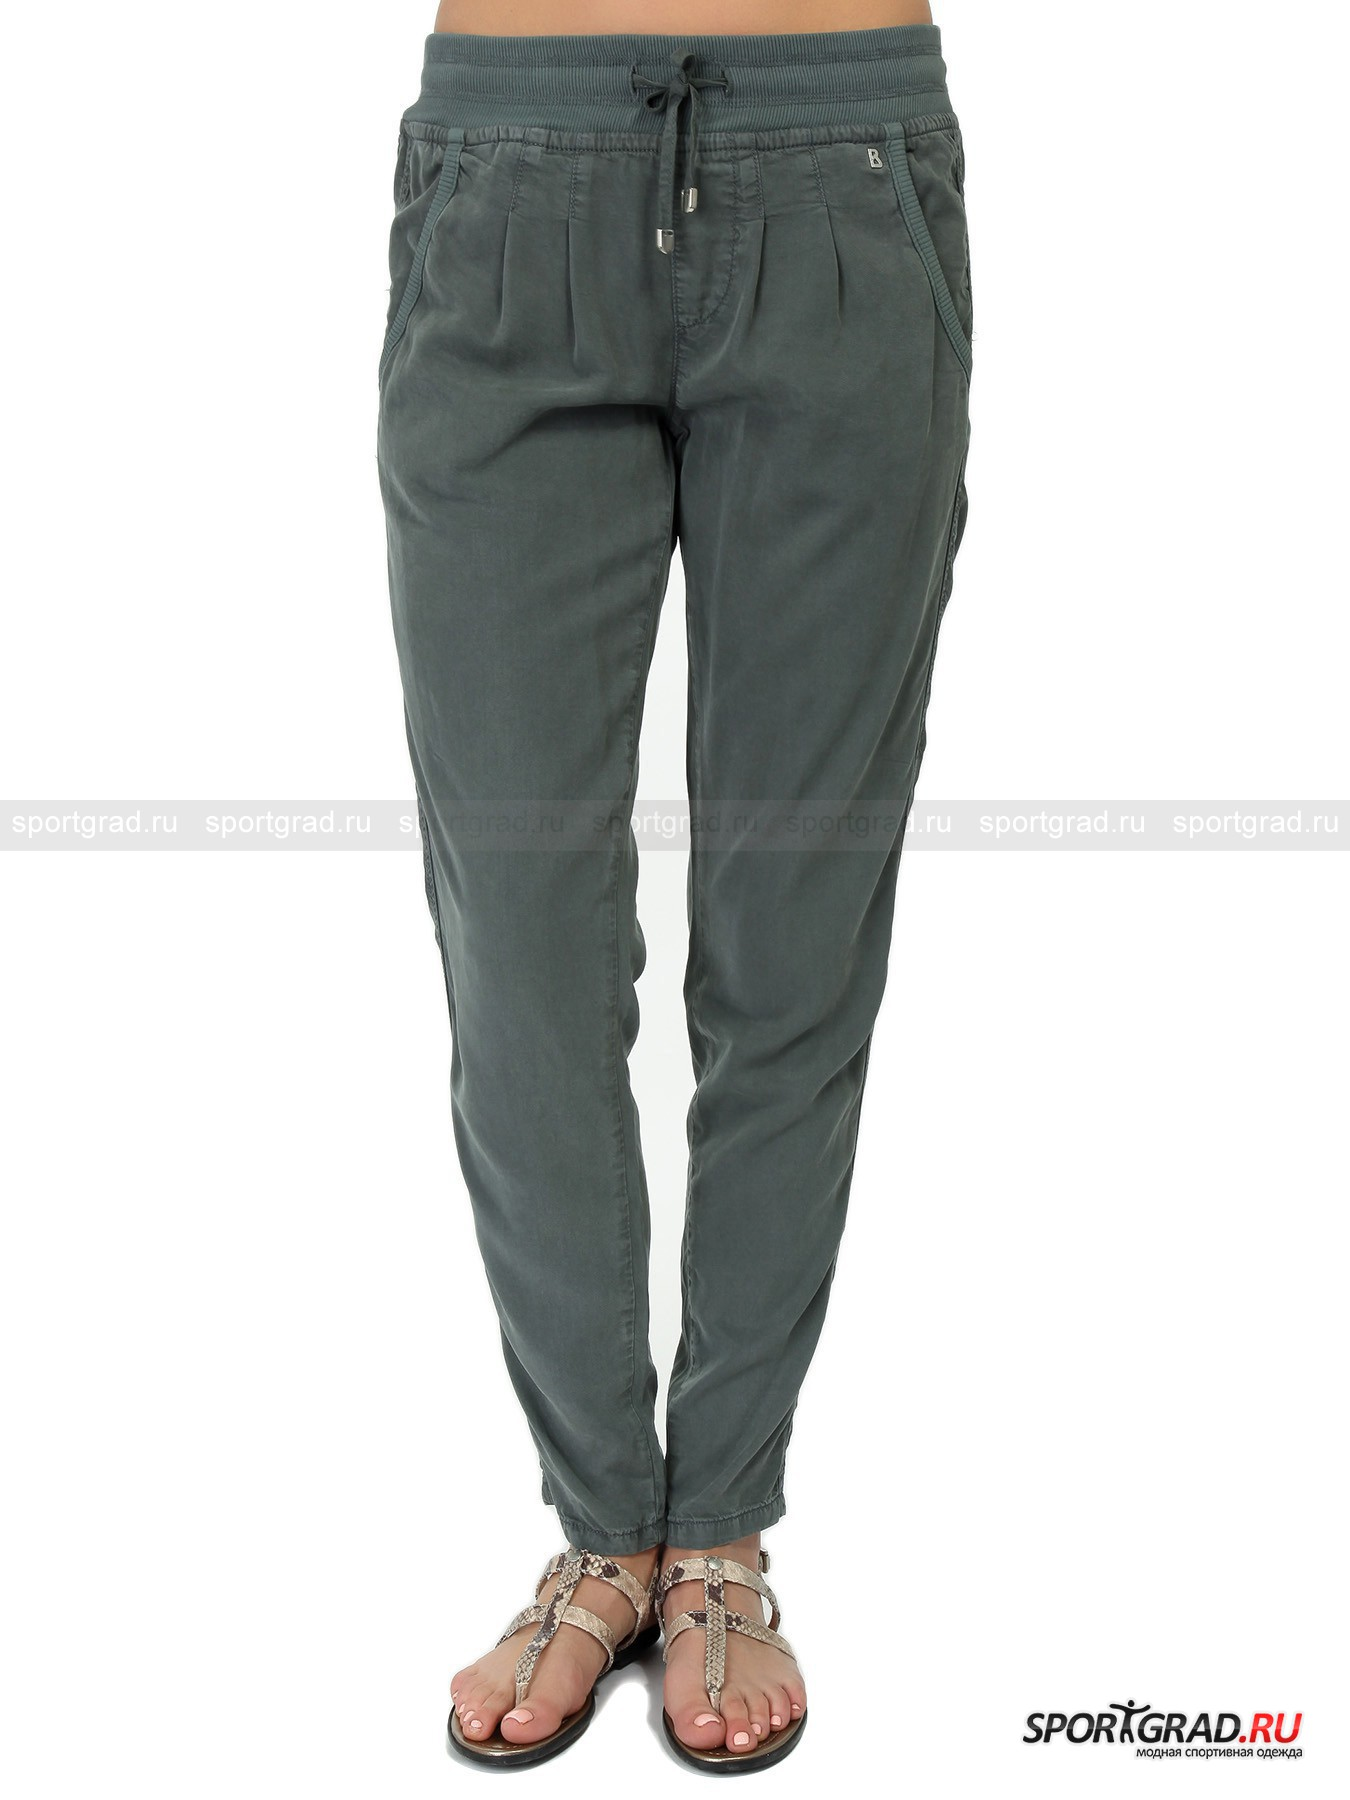 Брюки женские из лиоцелла Sarouel Pants BOGNER JEANSБрюки<br>Симпатичные брюки самого модного в этом сезоне серо-зеленого цвета Sarouel Pants от Bogner Jeans – идеальный выбор в жаркую погоду. Они пошиты из уникального материала лиоцелл, прекрасно подходящего для лета: он превосходно пропускает воздух, позволяя коже дышать, и отлично впитывает влагу, быстро испаряя ее с поверхности. Благодаря этому сохраняется постоянная комфортная температуру тела. Материал является экологически чистым, он не мнется, не нуждается в особом уходе и отличается повышенной прочностью.<br><br>Особенности модели:<br>- пояс на резинке с кулиской и регулирующей лентой;<br>- два кармана по бокам;<br>- сзади карманы-«обманки»;<br>- фирменная нашивка-логотип.<br><br>Пол: Женский<br>Возраст: Взрослый<br>Тип: Брюки<br>Рекомендации по уходу: стирка при температуре до 30 С; не отбеливать; гладить слегка нагретым утюгом (температура до 110 C); химчистка запрещена; нельзя сушить в стиральной машине<br>Состав: 100% лиоцелл